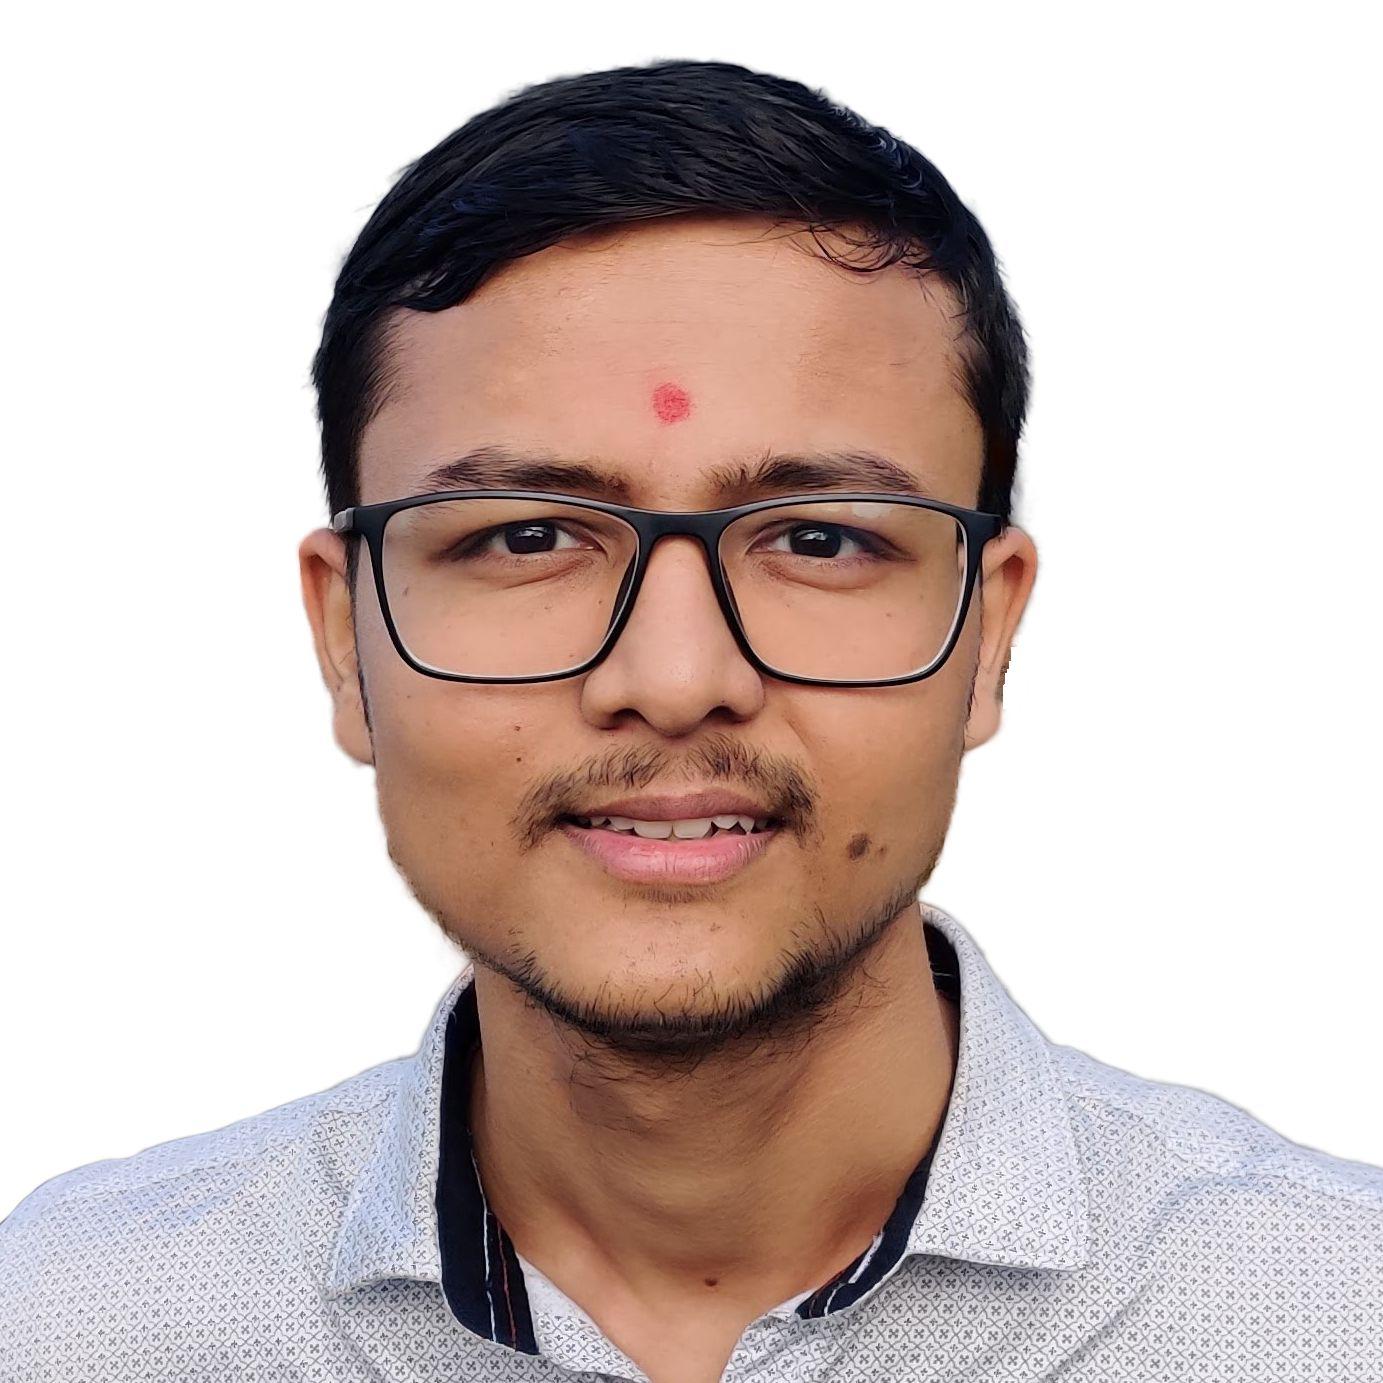 Prashant Kikani Hacker Noon profile picture